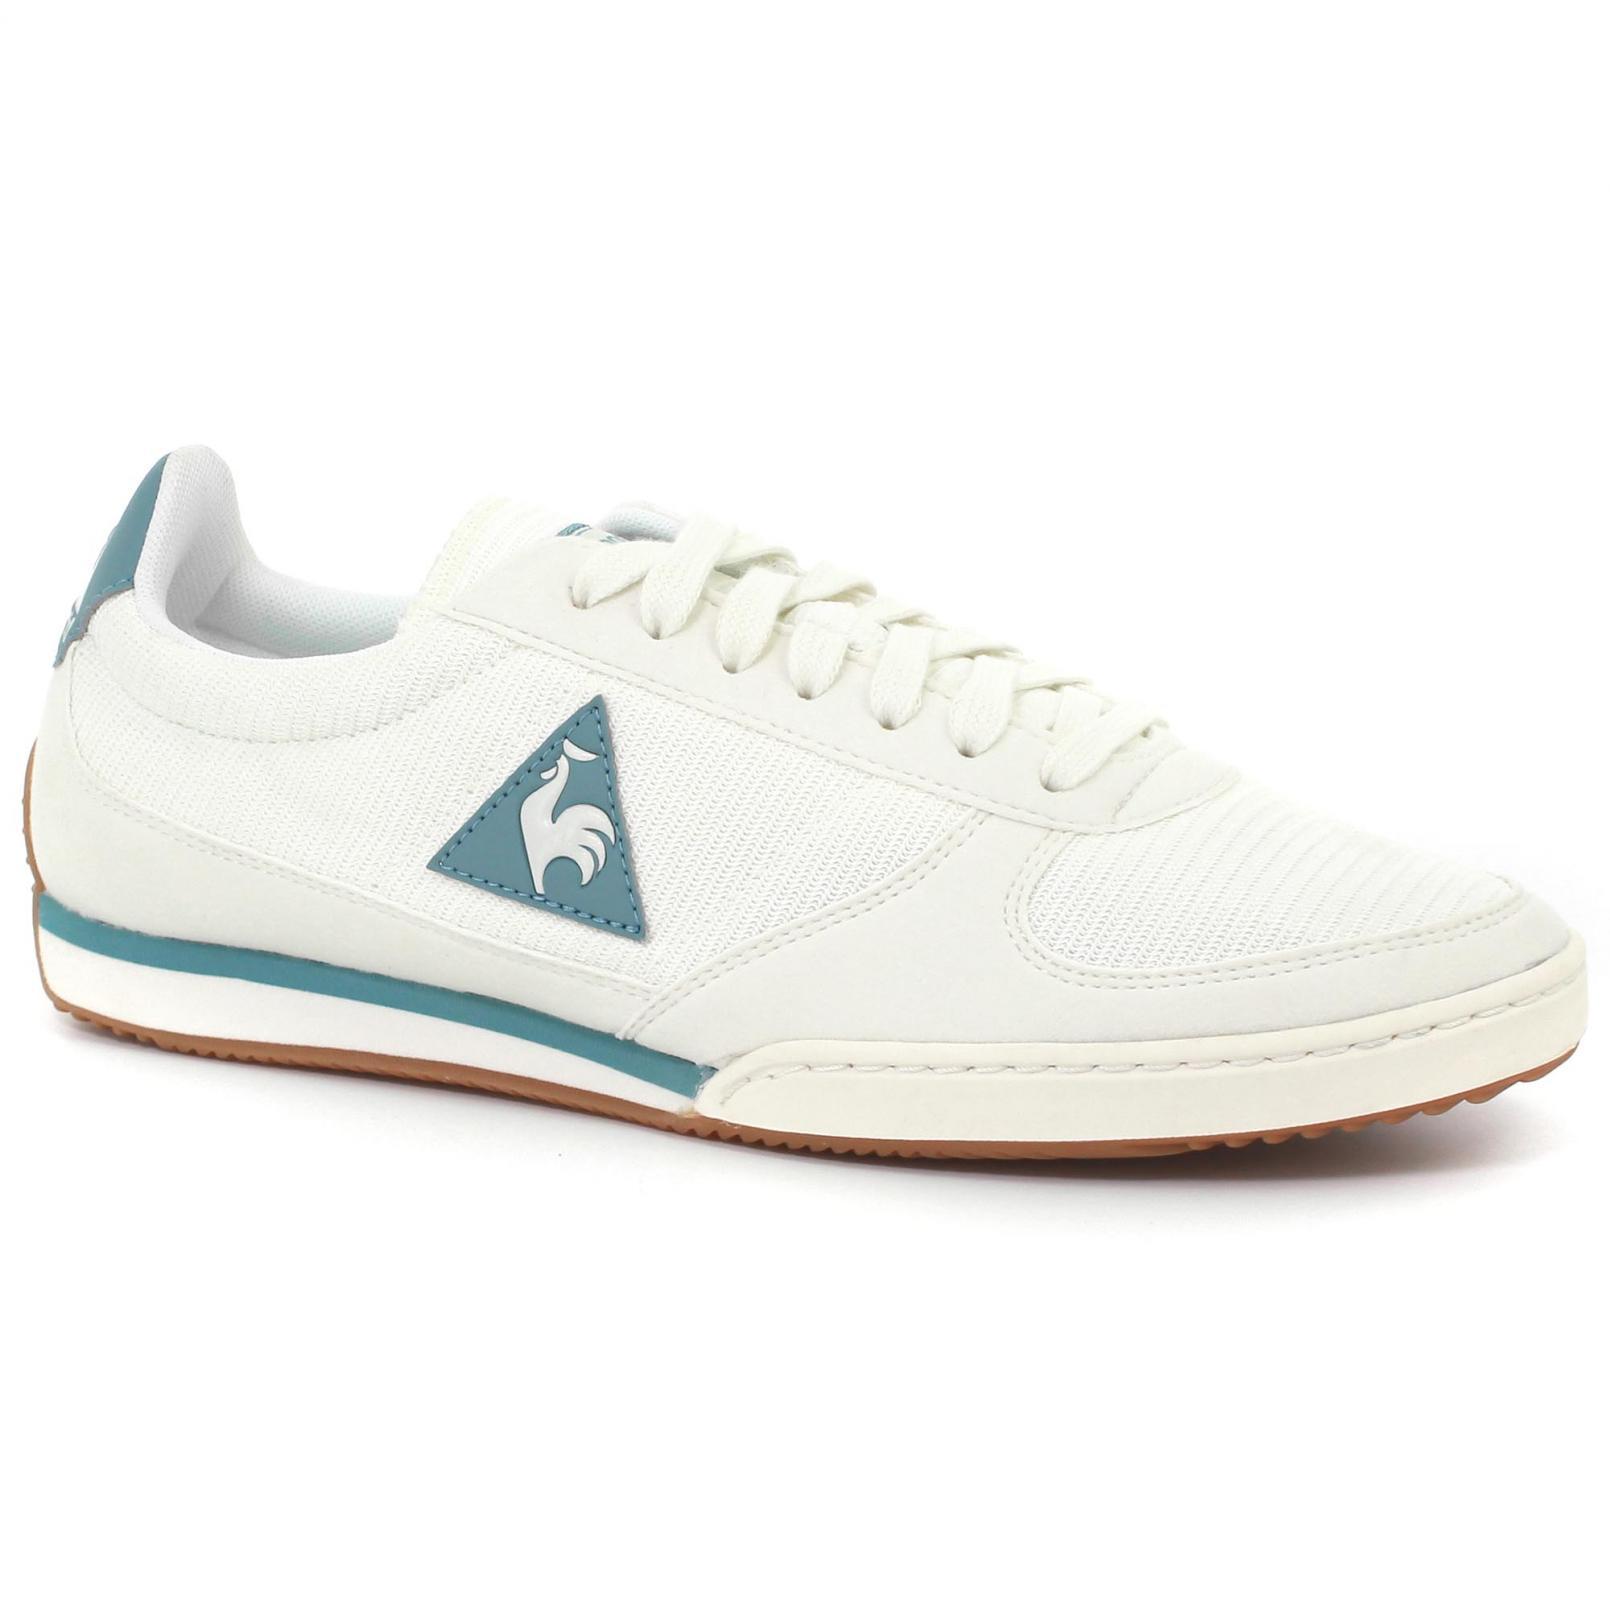 Shoes – Le Coq Sportif Volley Gum Cream/Light Blue